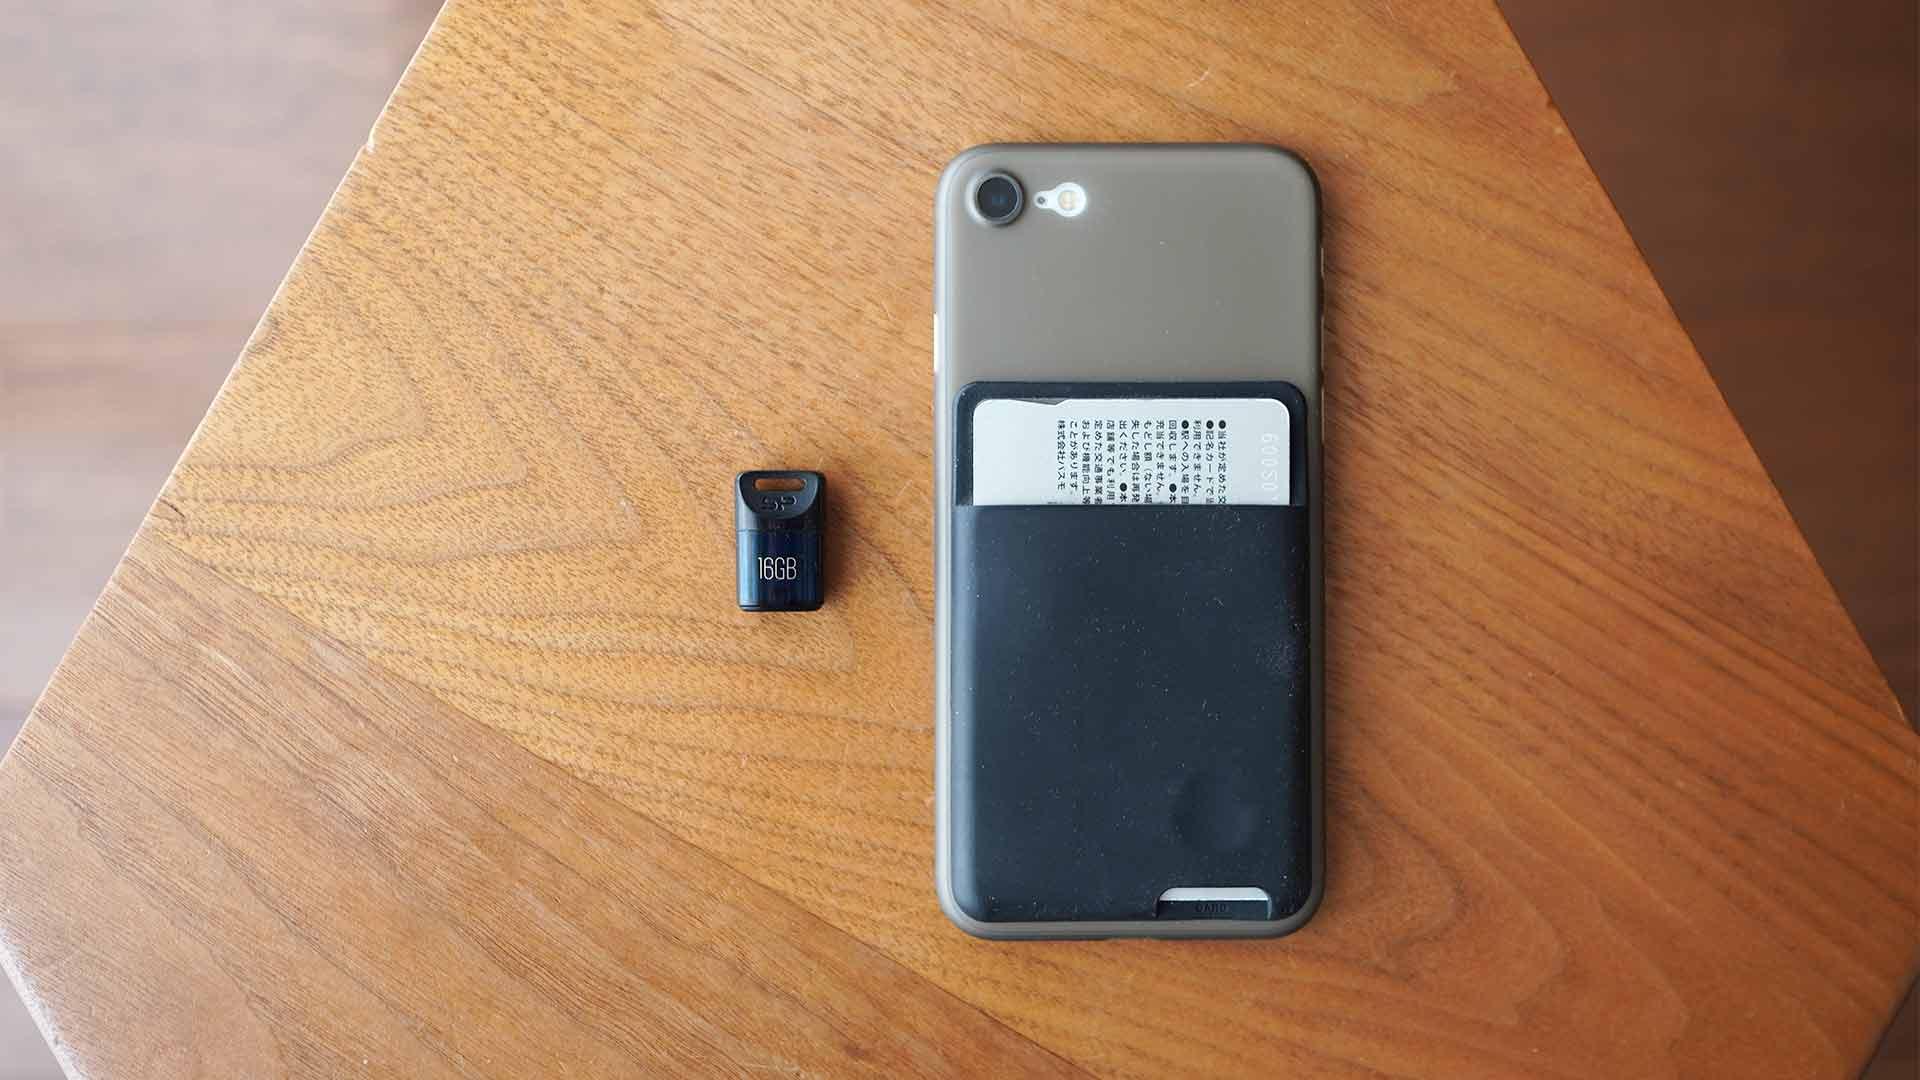 USBメモリー,シリコンパワー,小さい,コンパクト,軽い,安い,